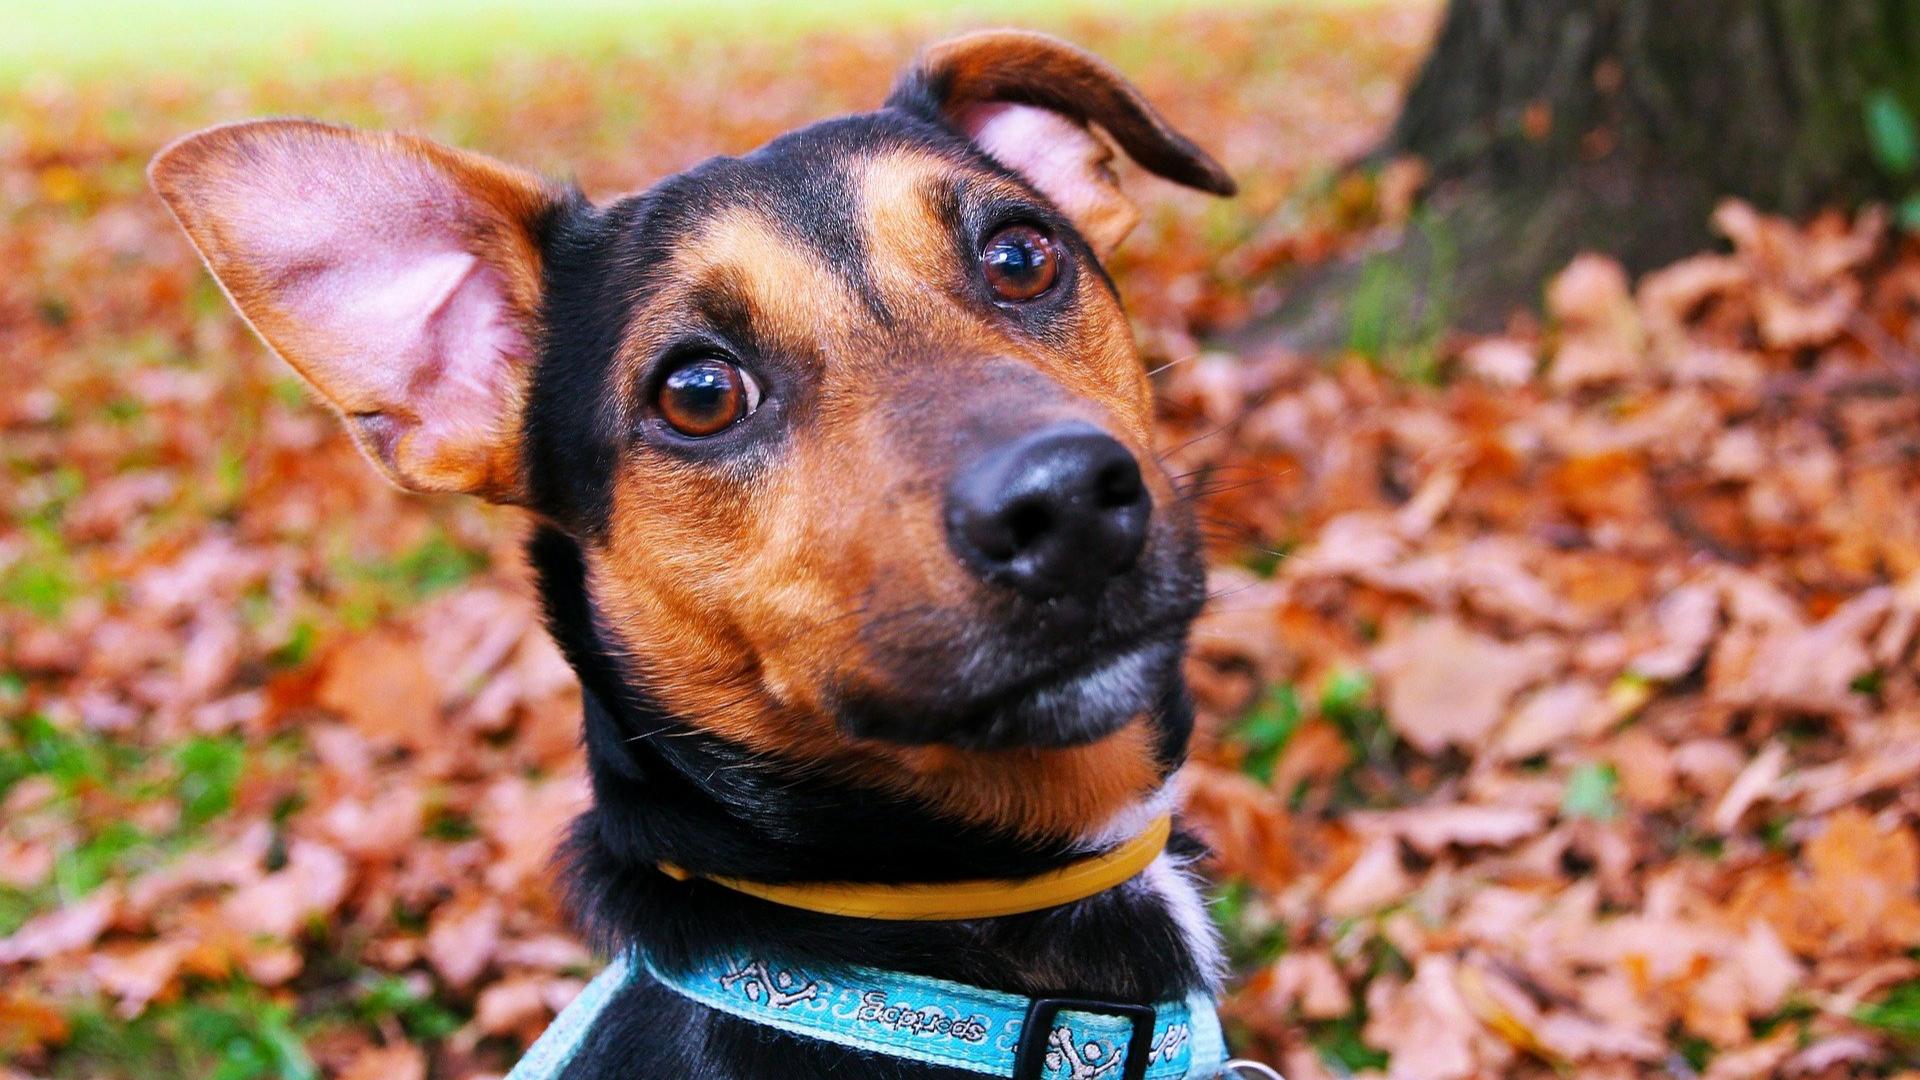 Hund mit einem aufgestellten Ohr draußen im Herbst